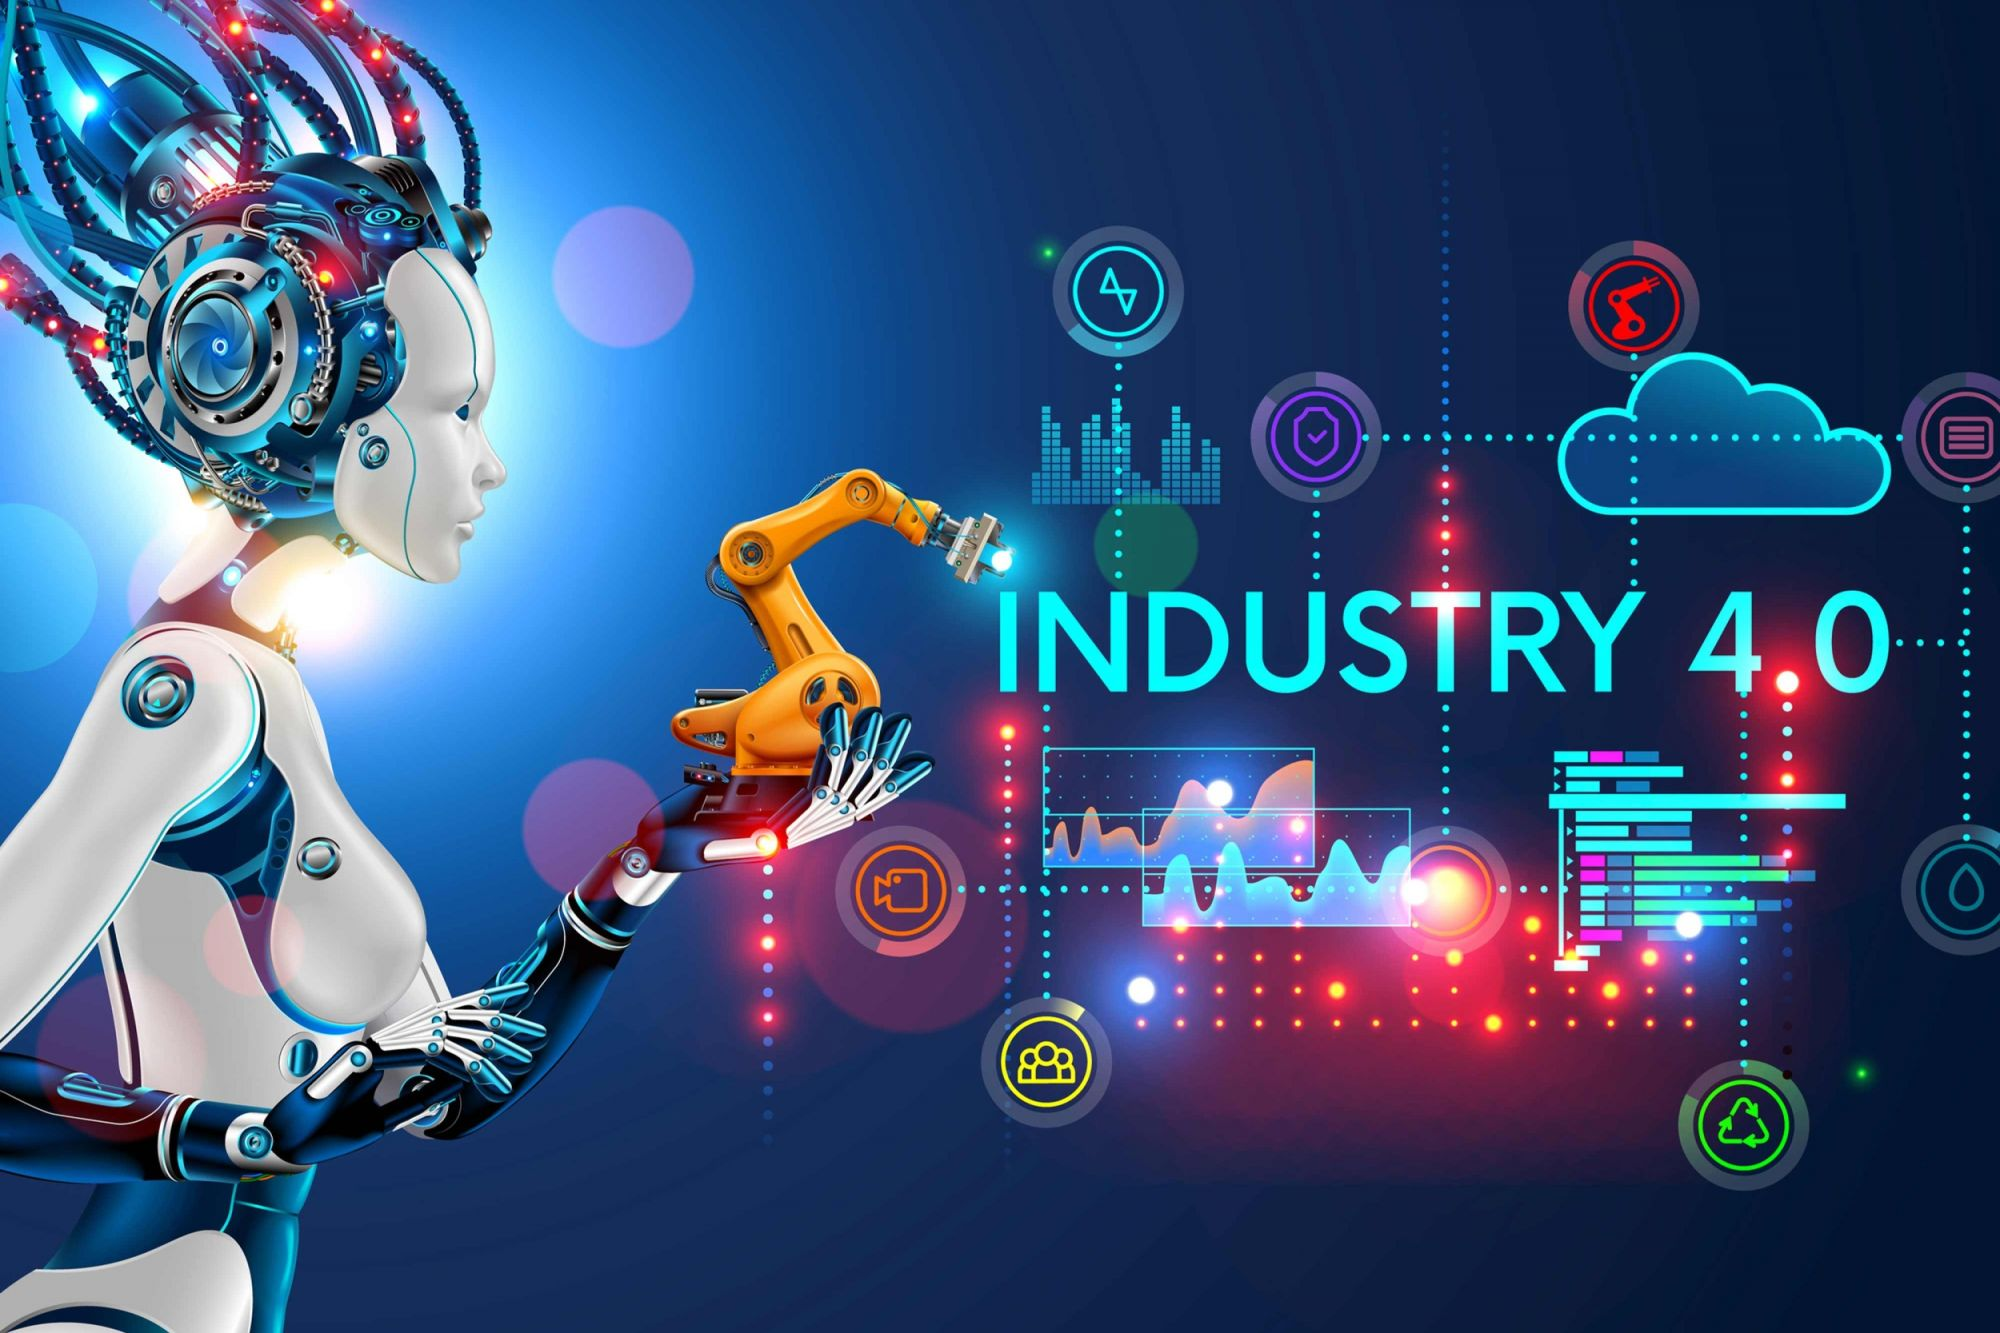 Công nghệ 4.0 trí tuệ nhân tạo